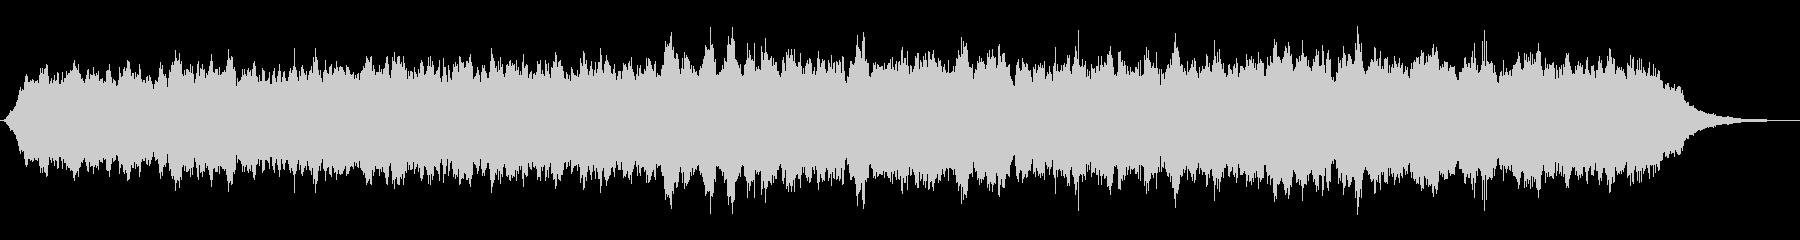 キラキラなシンセパッドの神秘的なジングルの未再生の波形